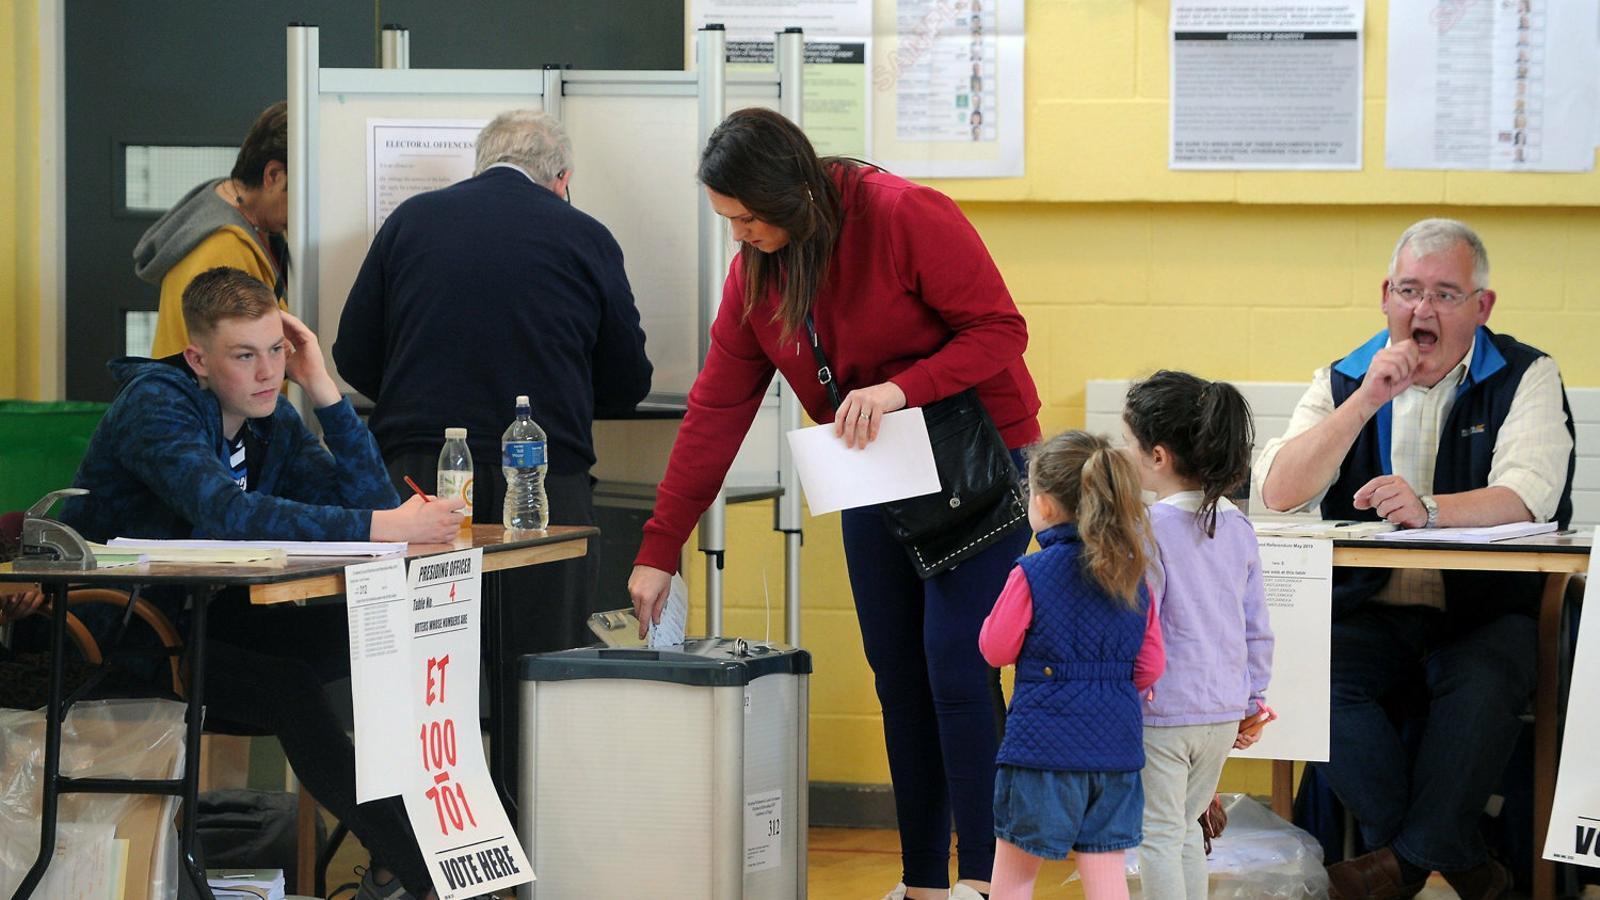 Votants en un col·legi electoral de Dublín, a Irlanda, on divendres es votaven els comicis locals i europeus.